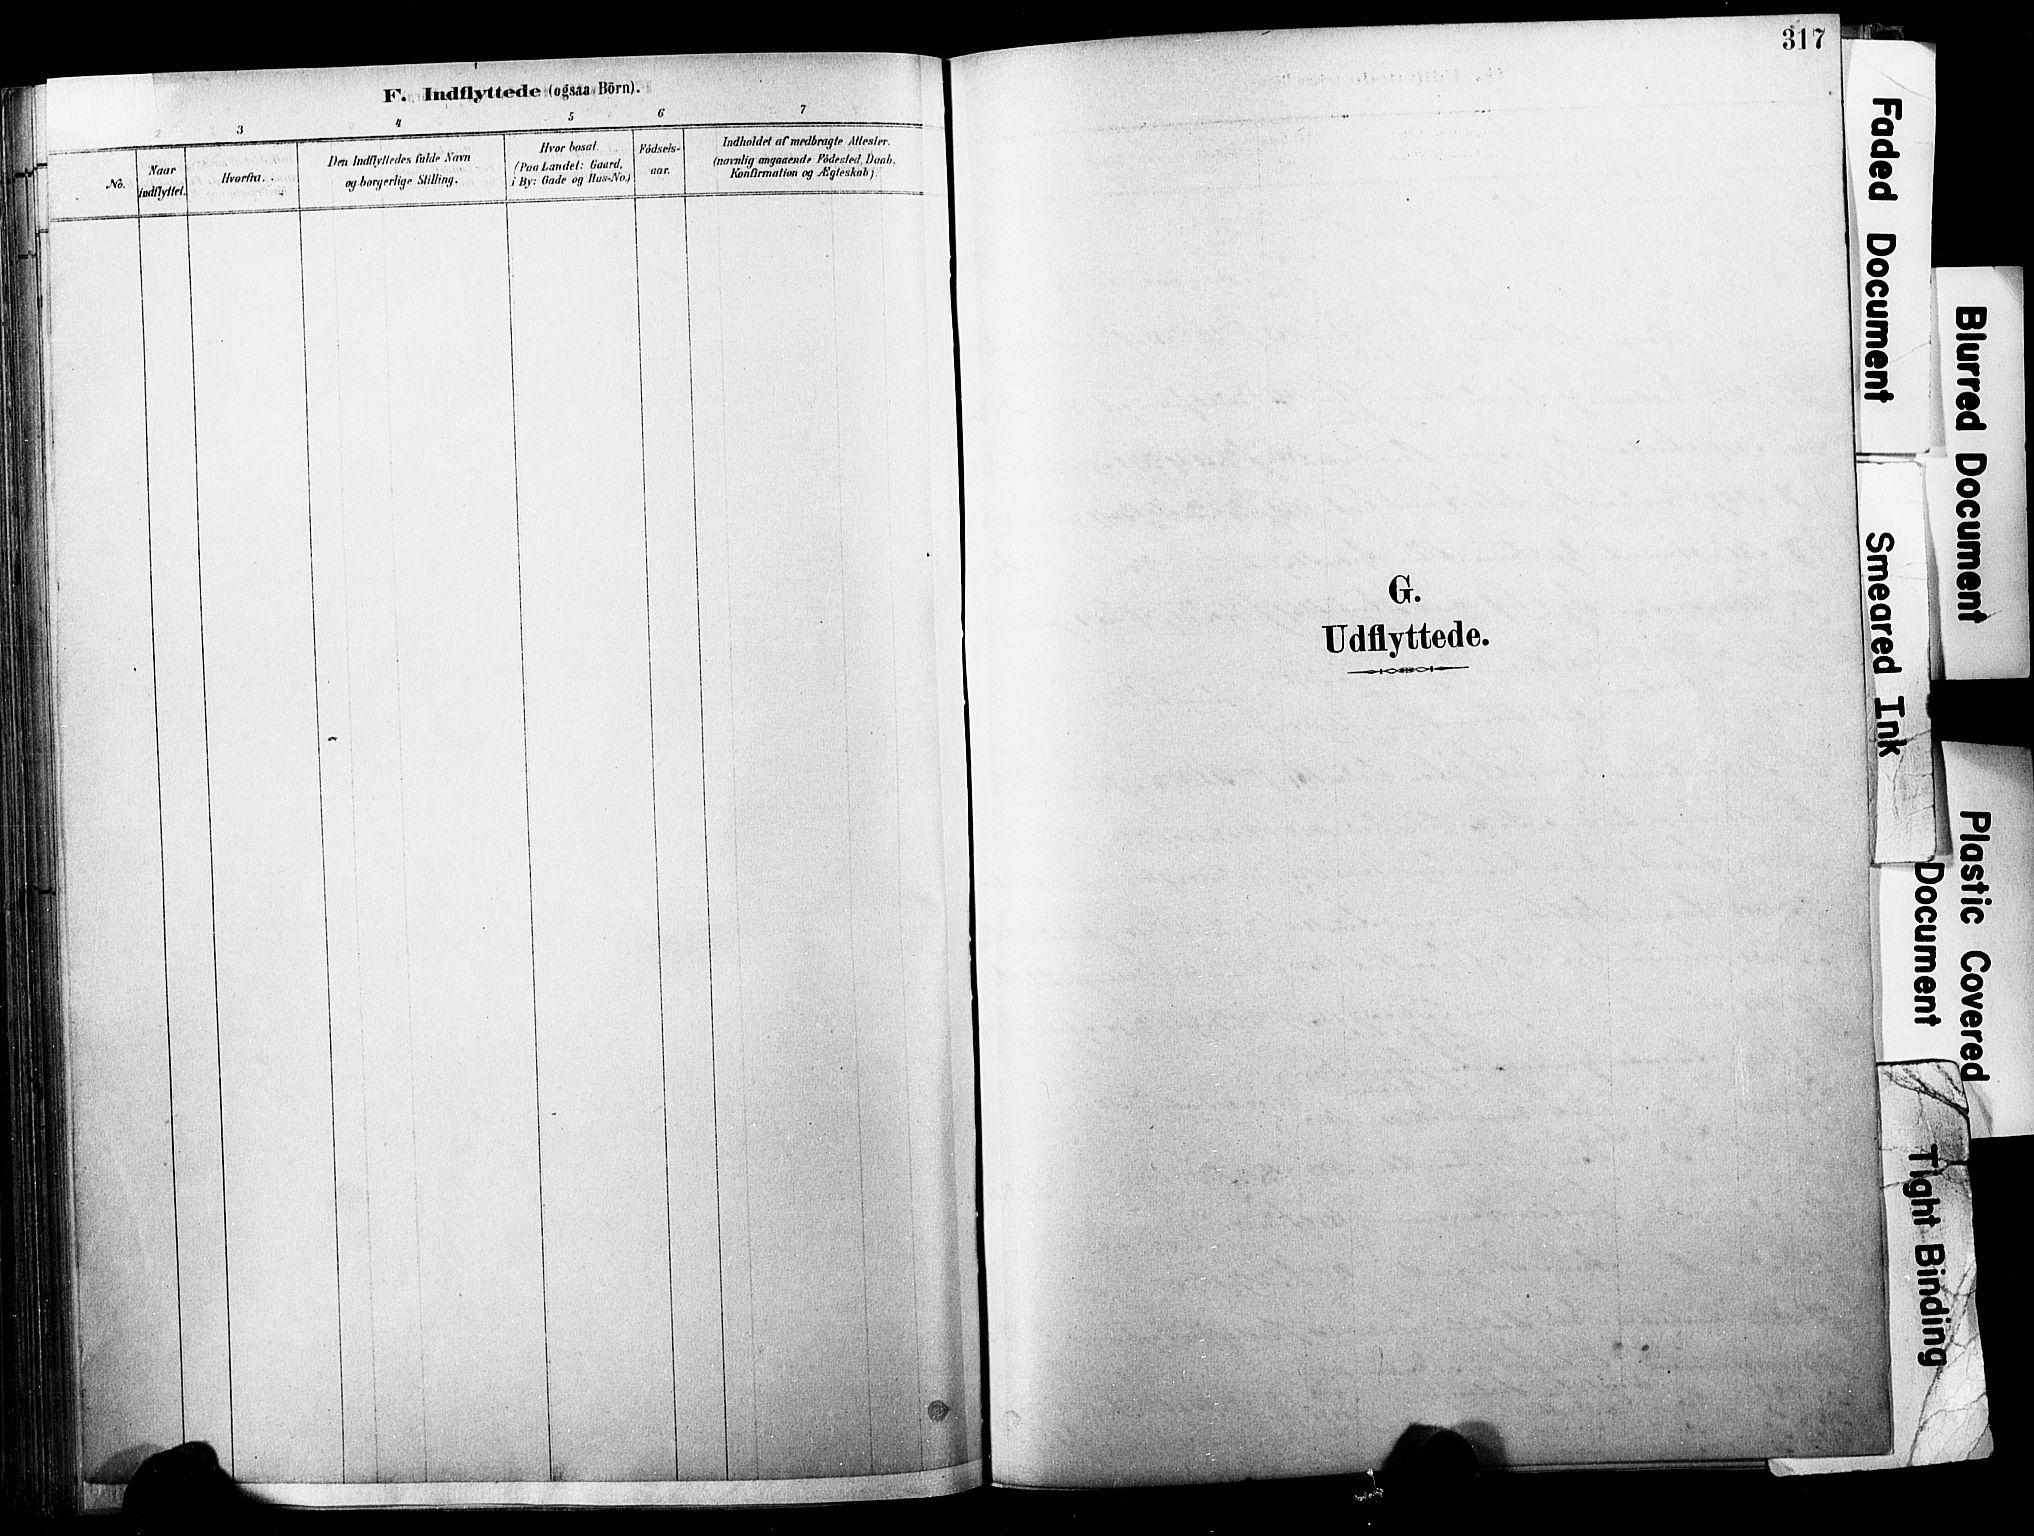 SAKO, Horten kirkebøker, F/Fa/L0004: Ministerialbok nr. 4, 1888-1895, s. 317